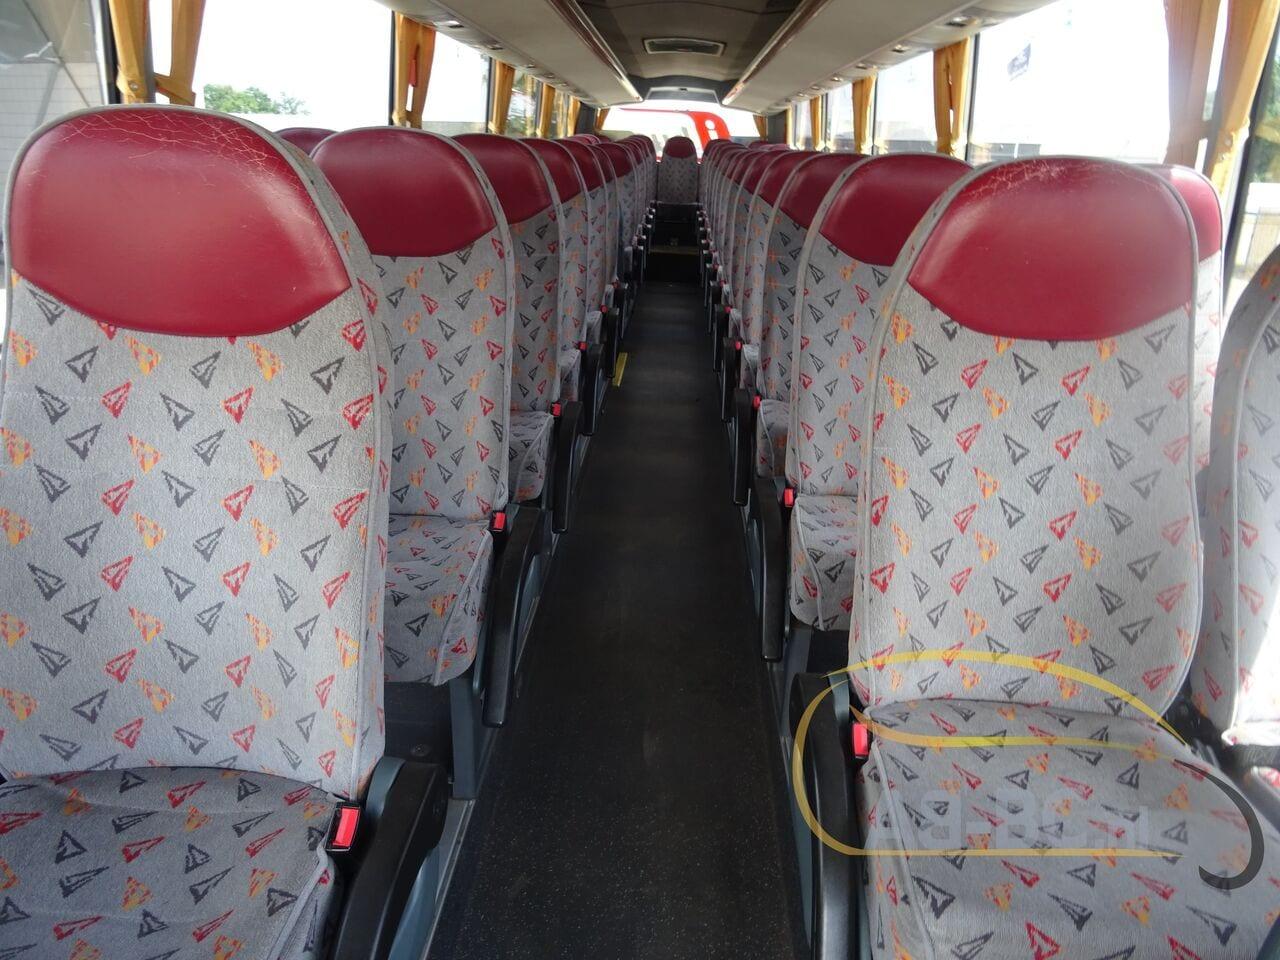 coach-busTEMSA-Safari-RD-DAF-Motor-53-Seats-Euro-5---1623932507371993241_big_3675964cc7dd07e90541a8e315d3c0e1--21061715155620919600